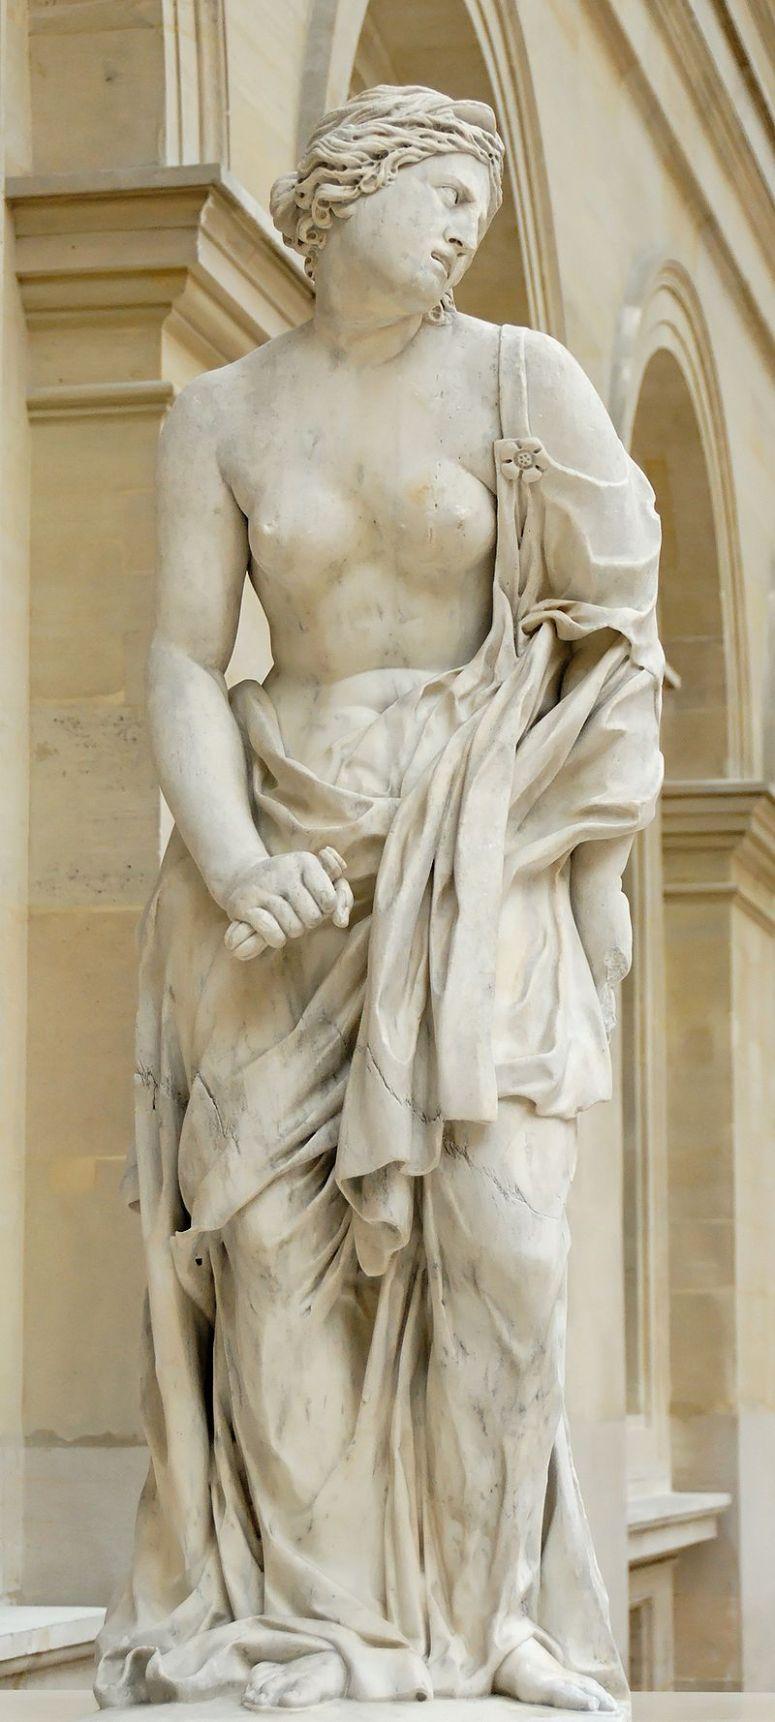 Dido_Cochet_Louvre_ENT2000.10